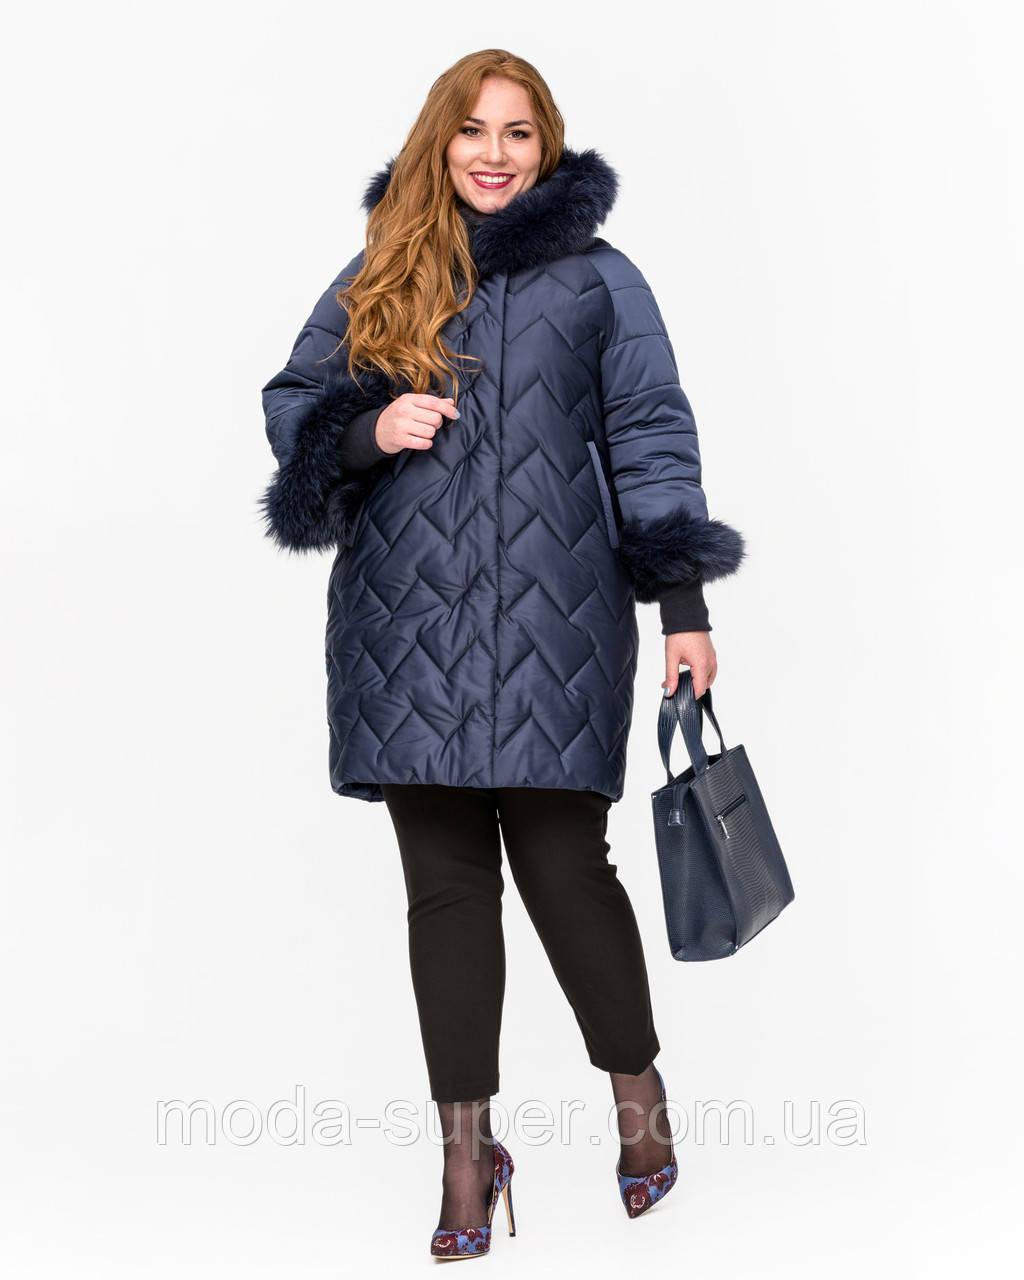 Женская зимняя куртка с мехом из водоотталкивающей плащевки 44-52рр